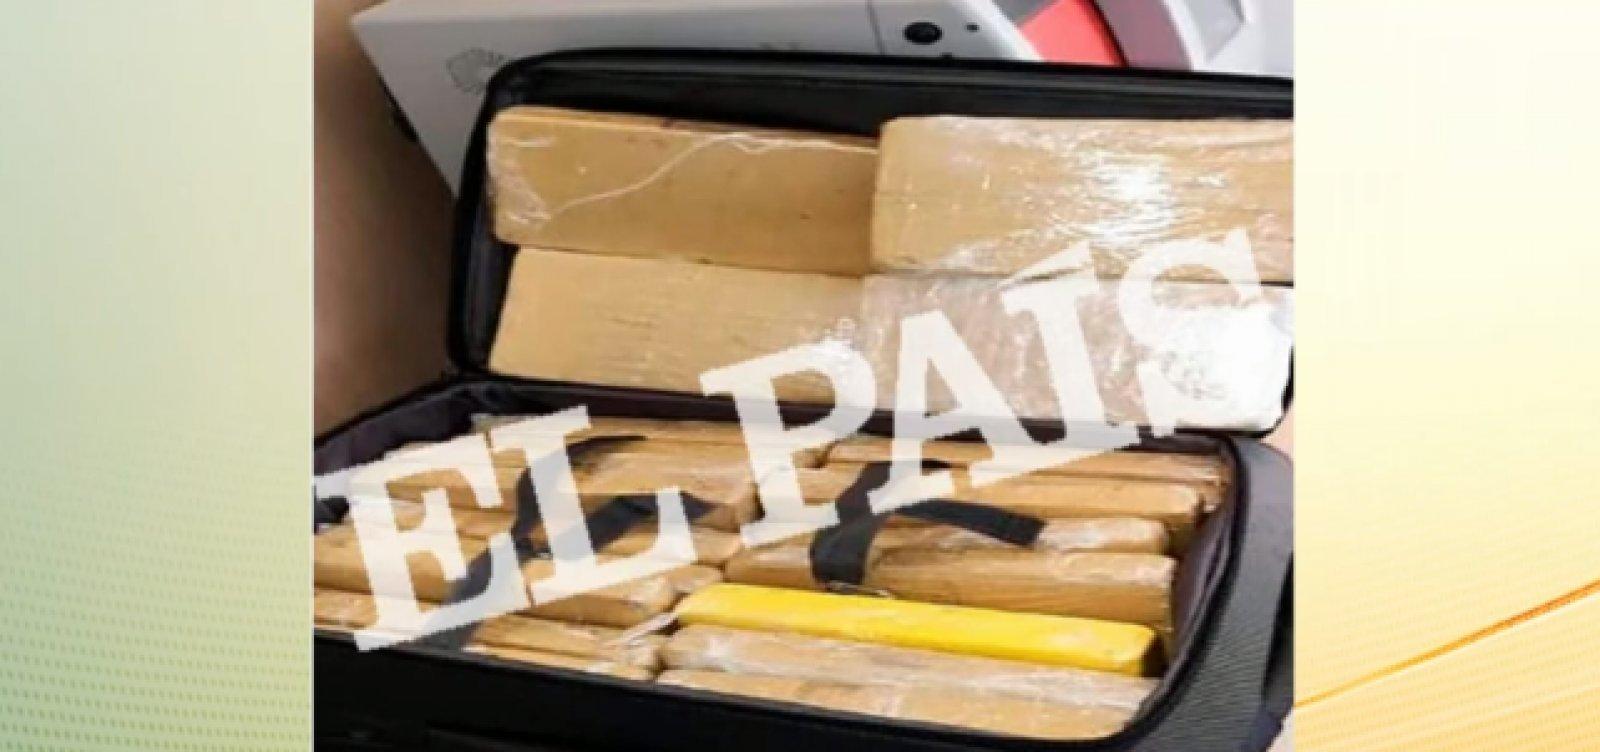 MP espanhol quer prisão de oito anos para militar detido com cocaína na comitiva presidencial